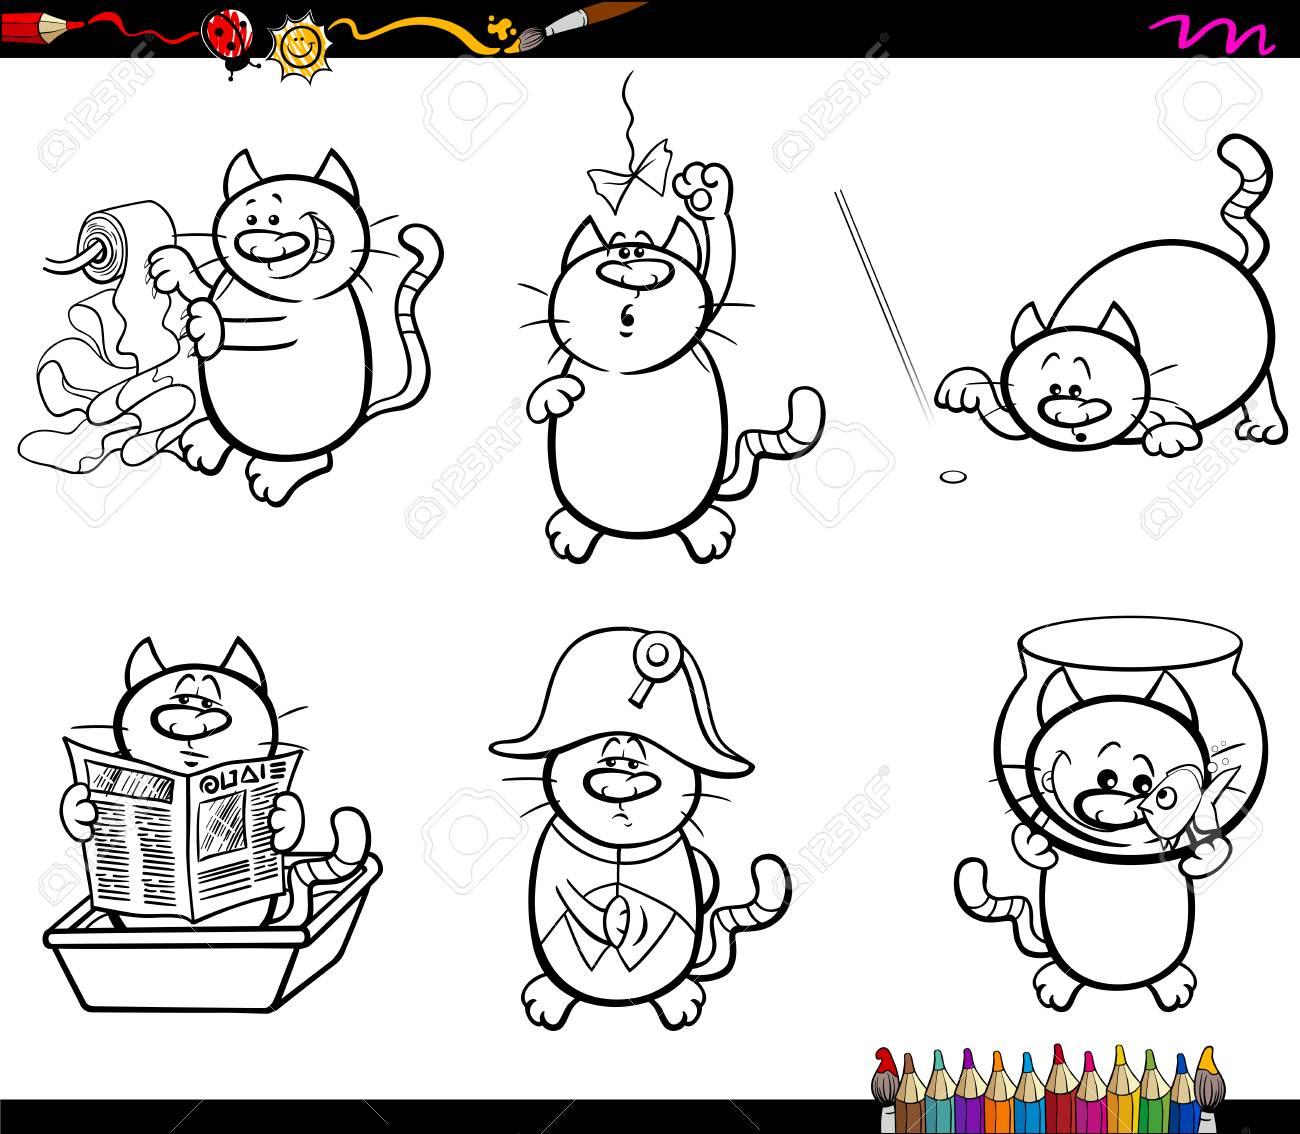 Ilustración De Dibujos Animados Blanco Y Negro Gatos Personajes De ...